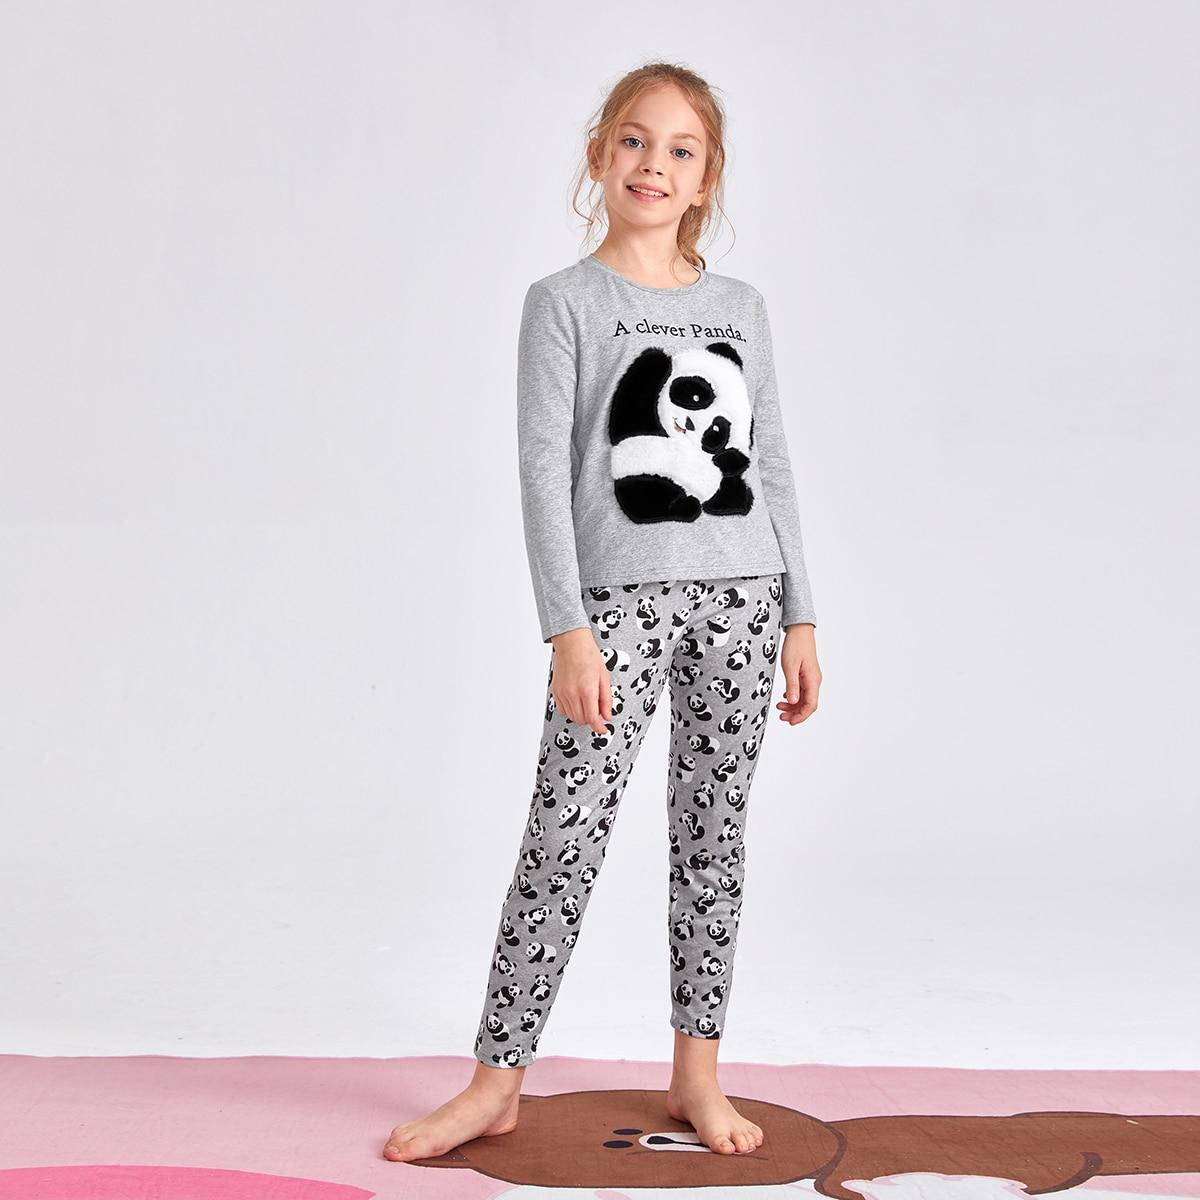 Пижама с рисунком панды и текстовой вышивкой для девочек